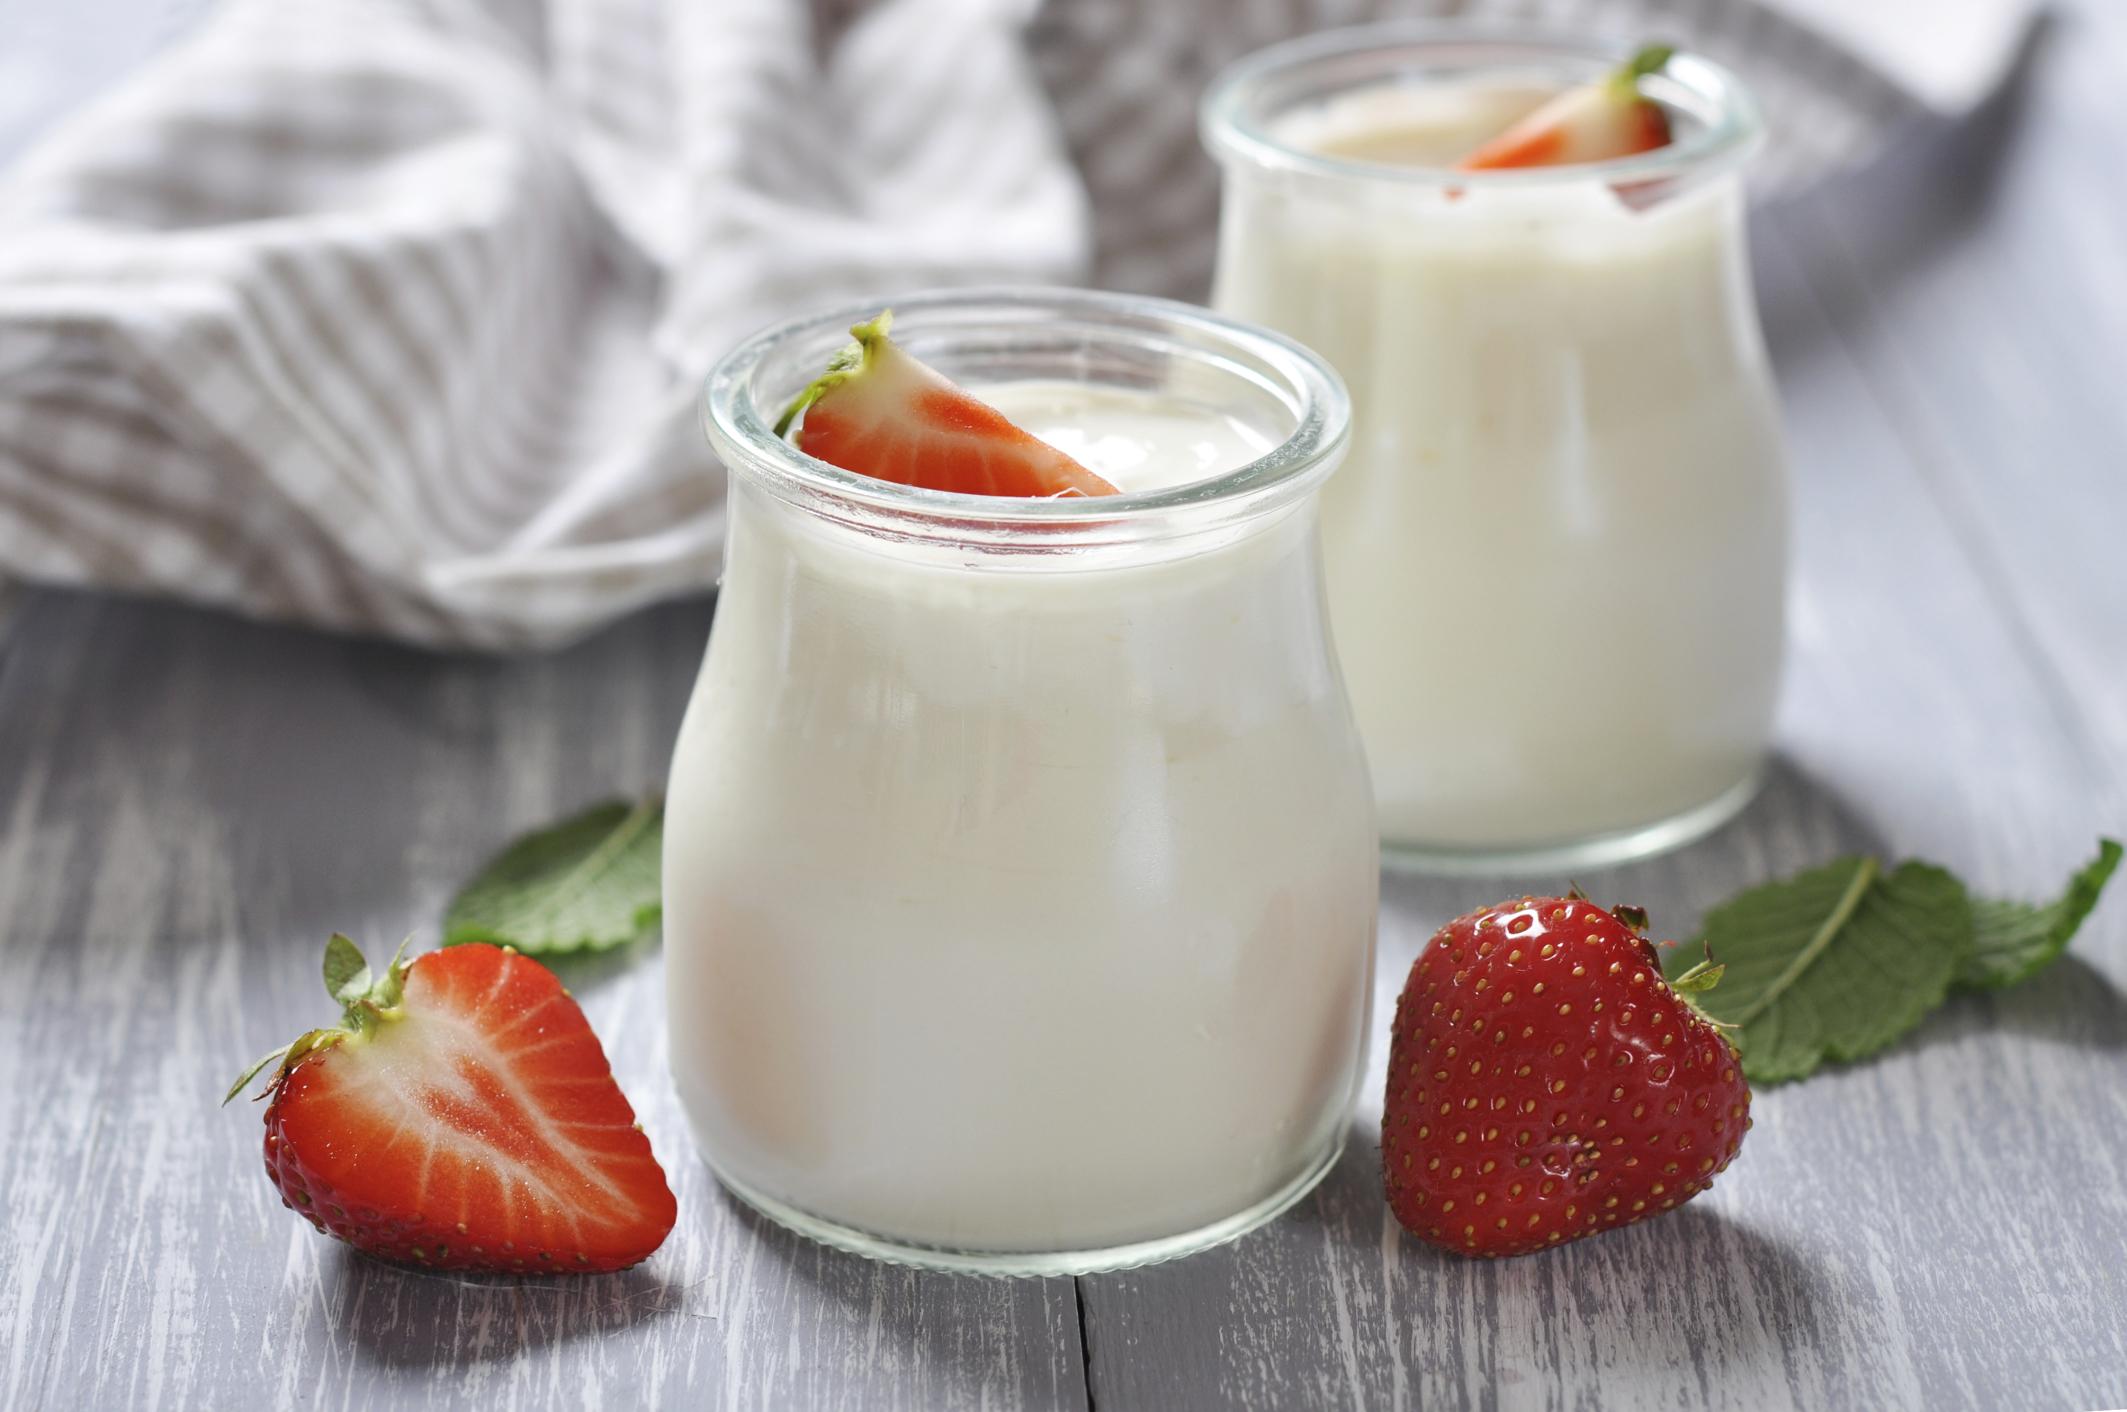 Sữa chua giúp cho việc tiêu hóa tốt hơn, kích thích ăn uống.